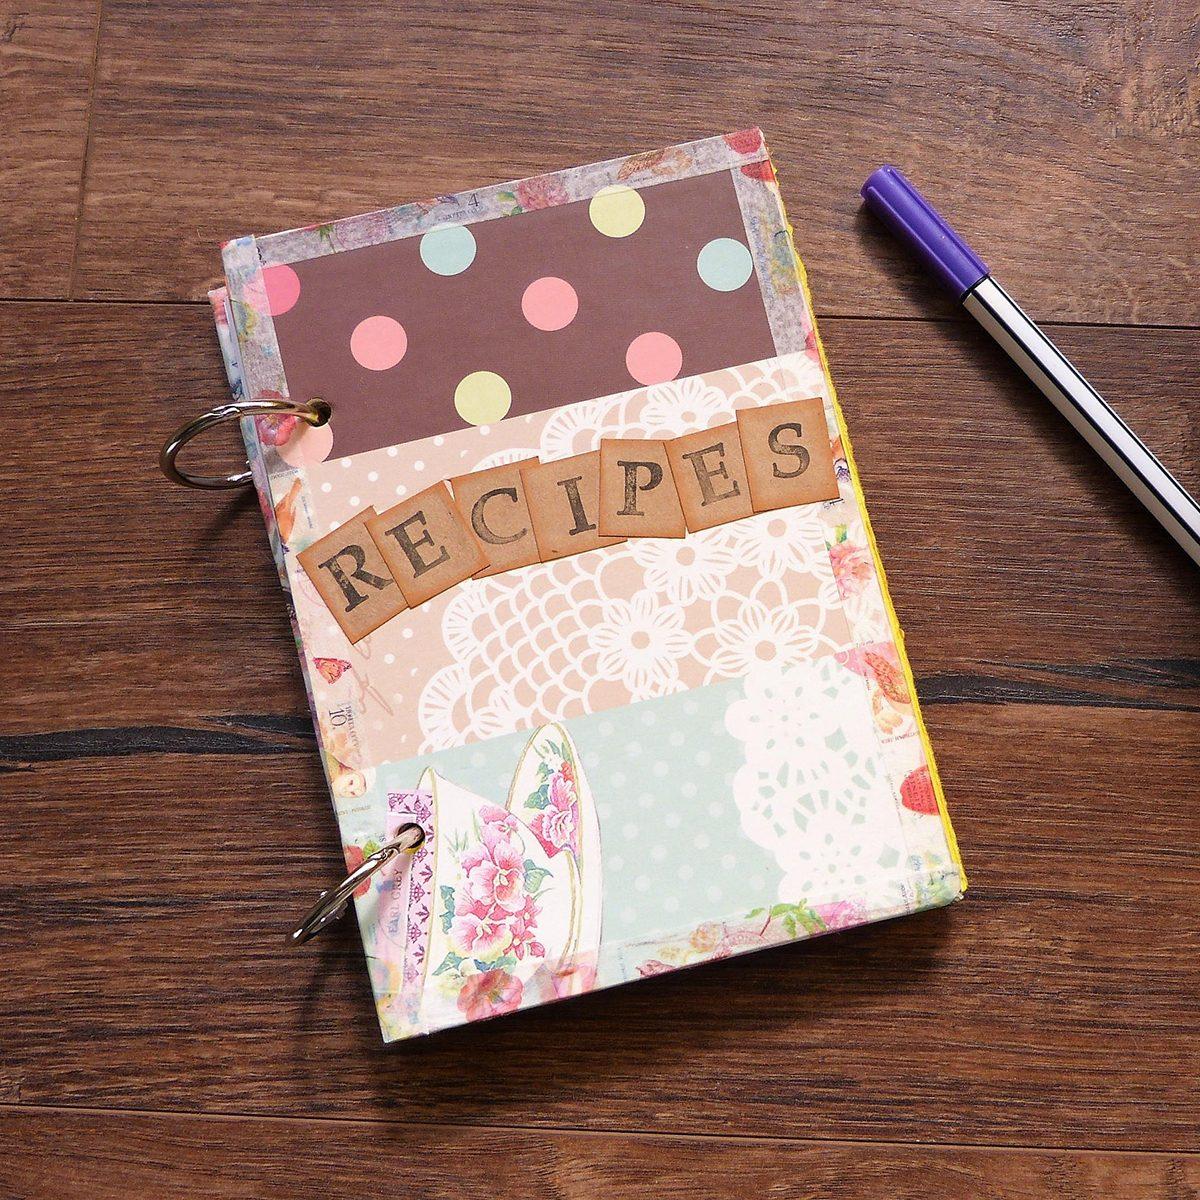 Eco-friendly recipe book